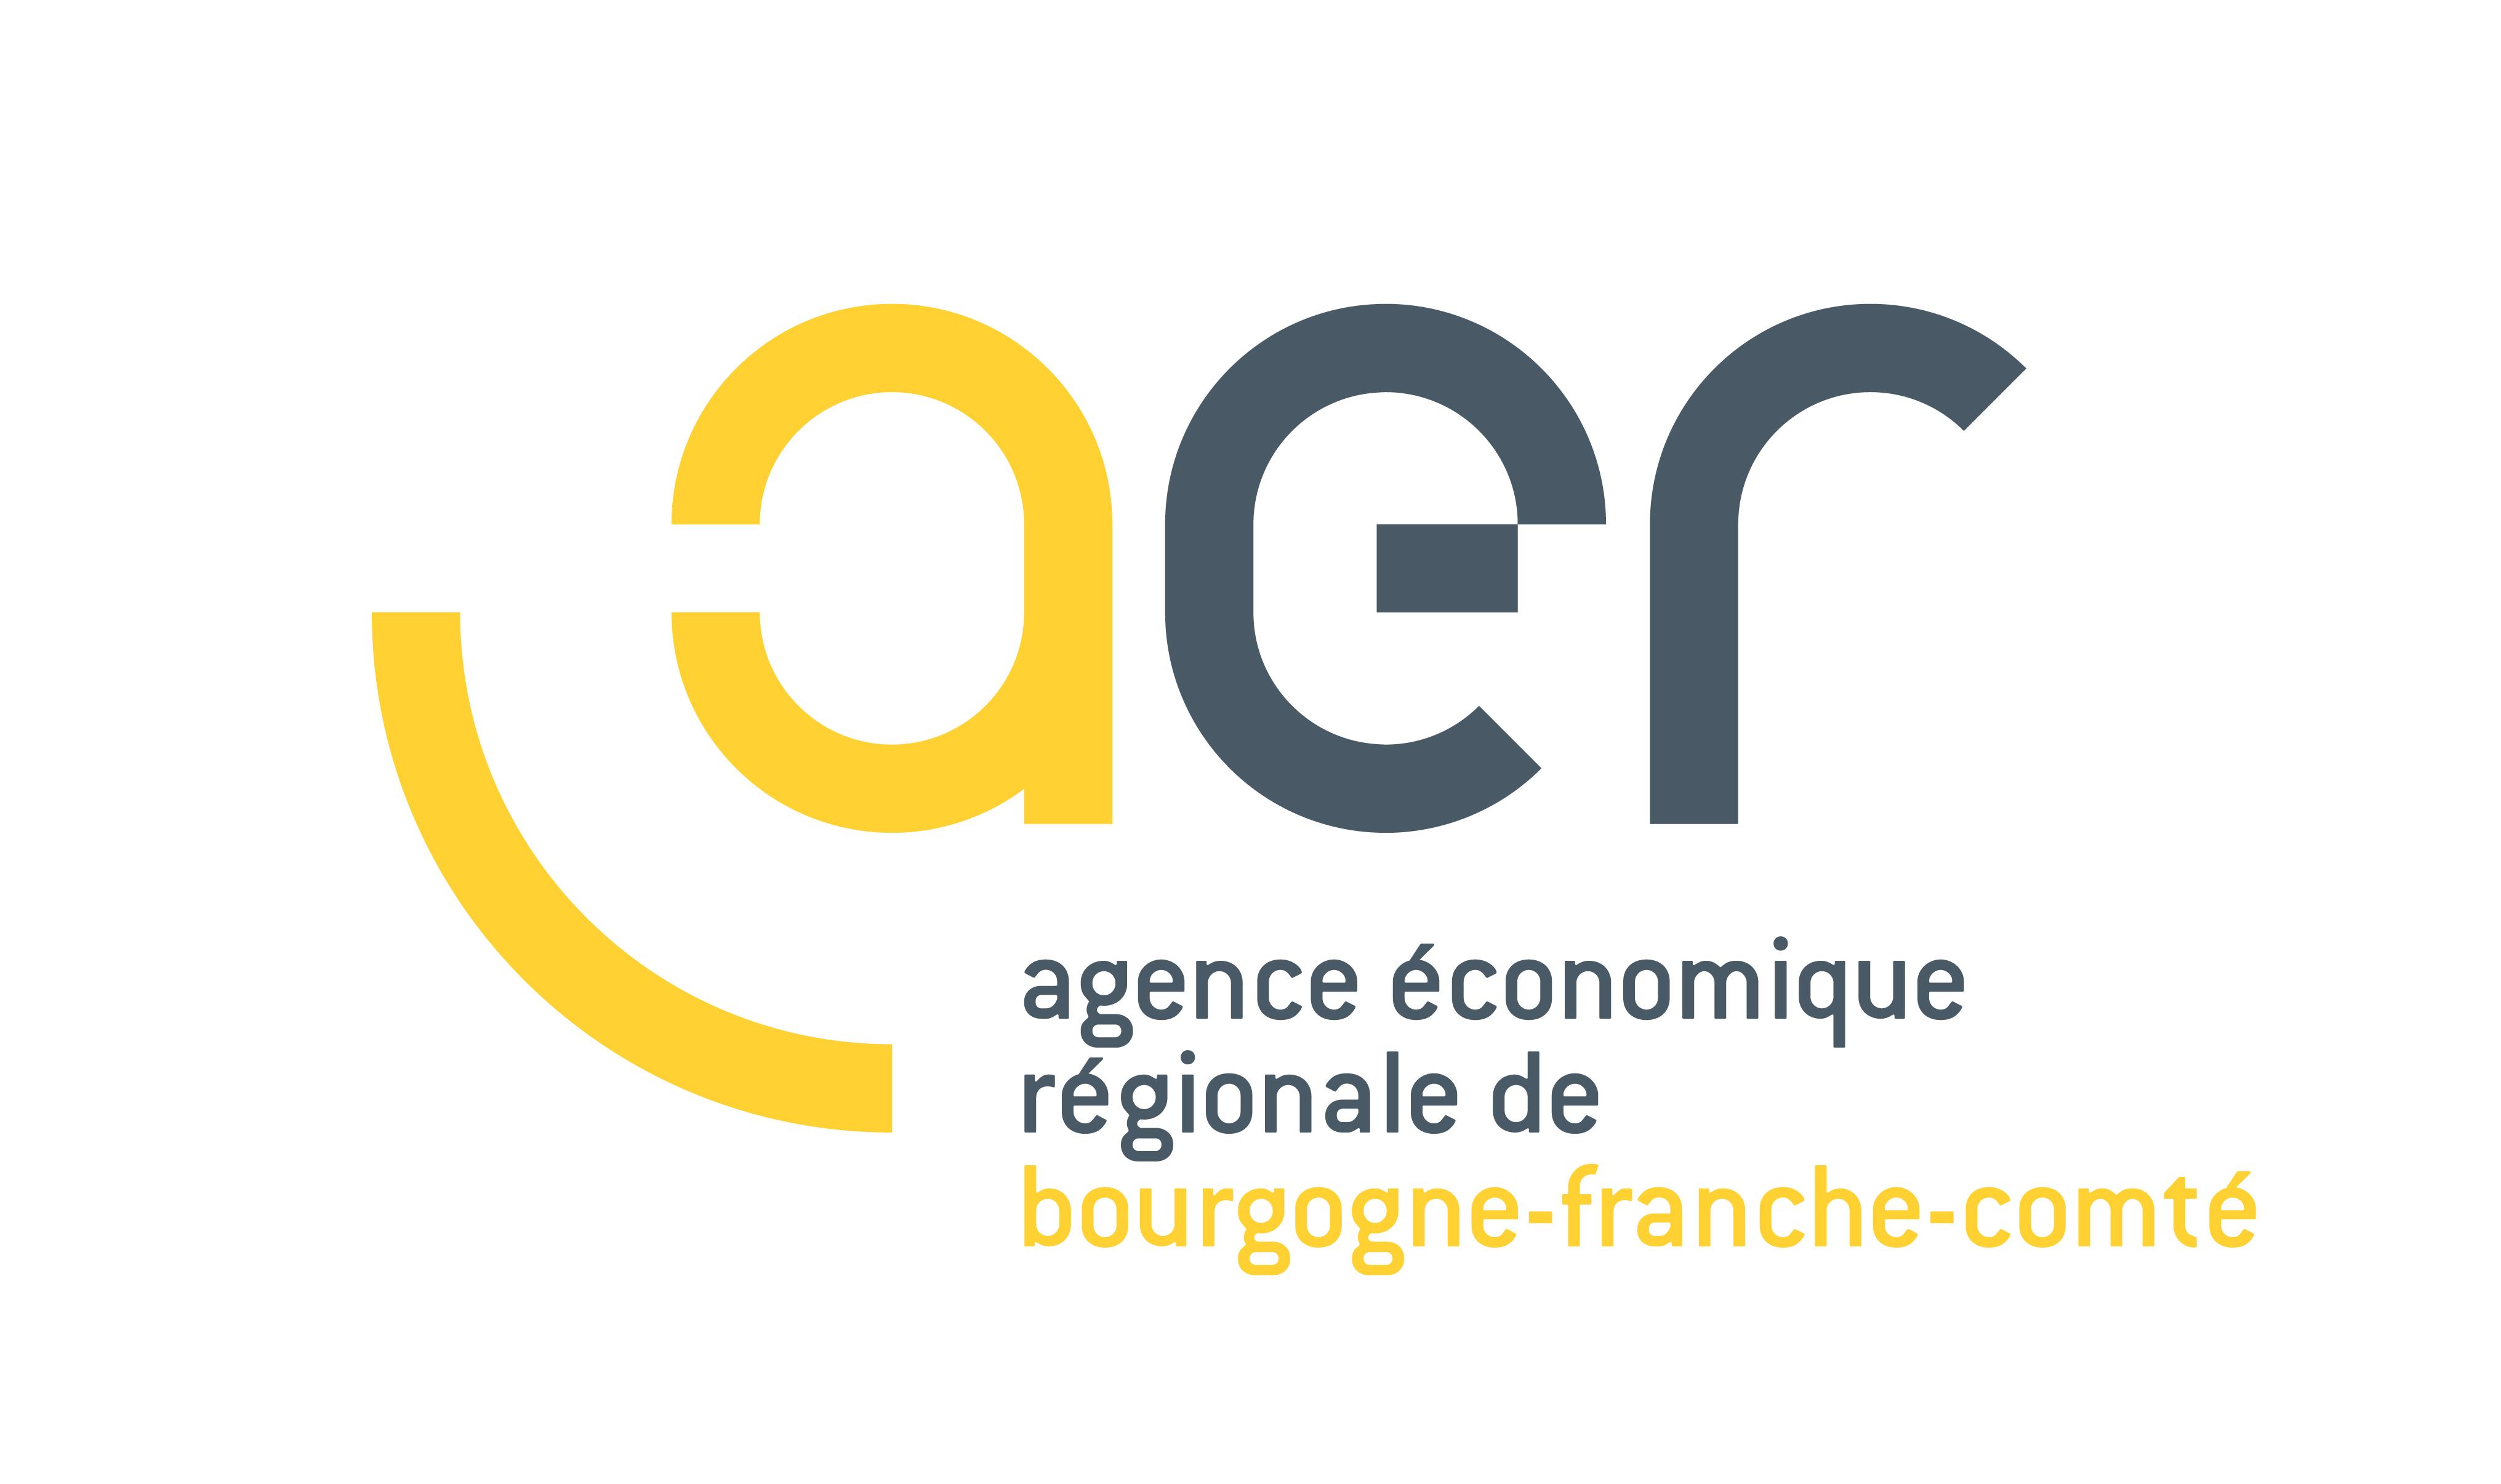 Atelier de la Propriété Intellectuelle - AER Bourgogne-Franche-Comte